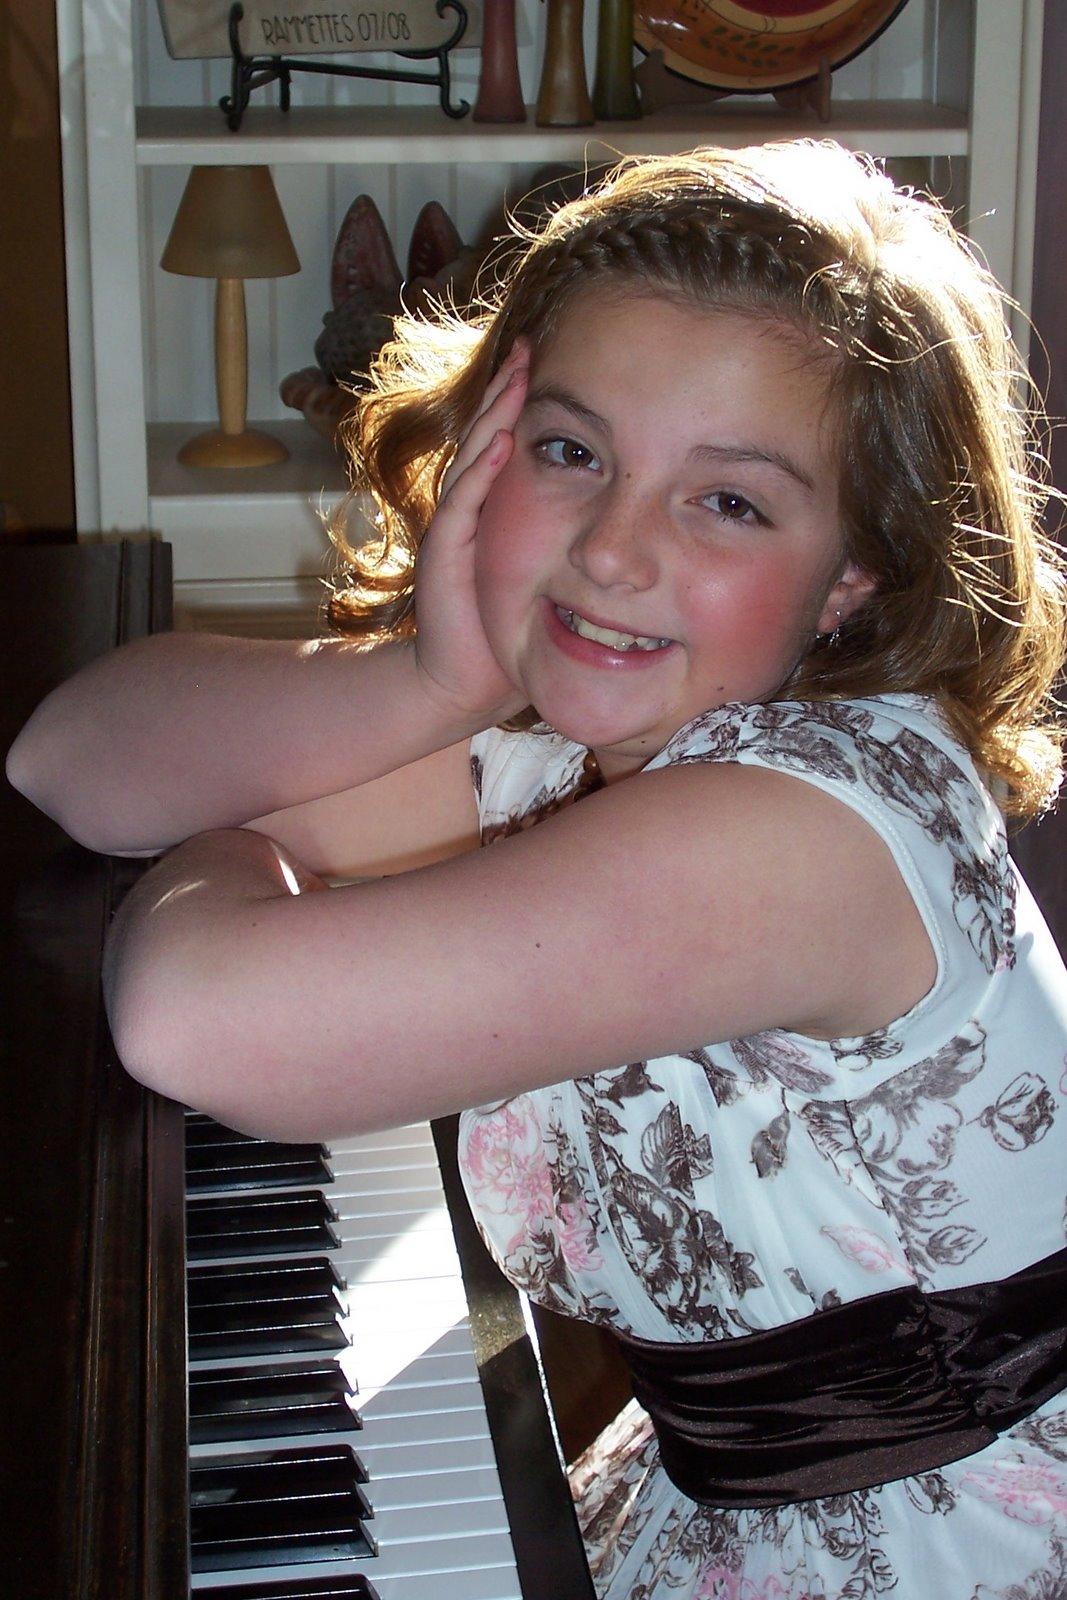 Daisy's Frist Piano Recital